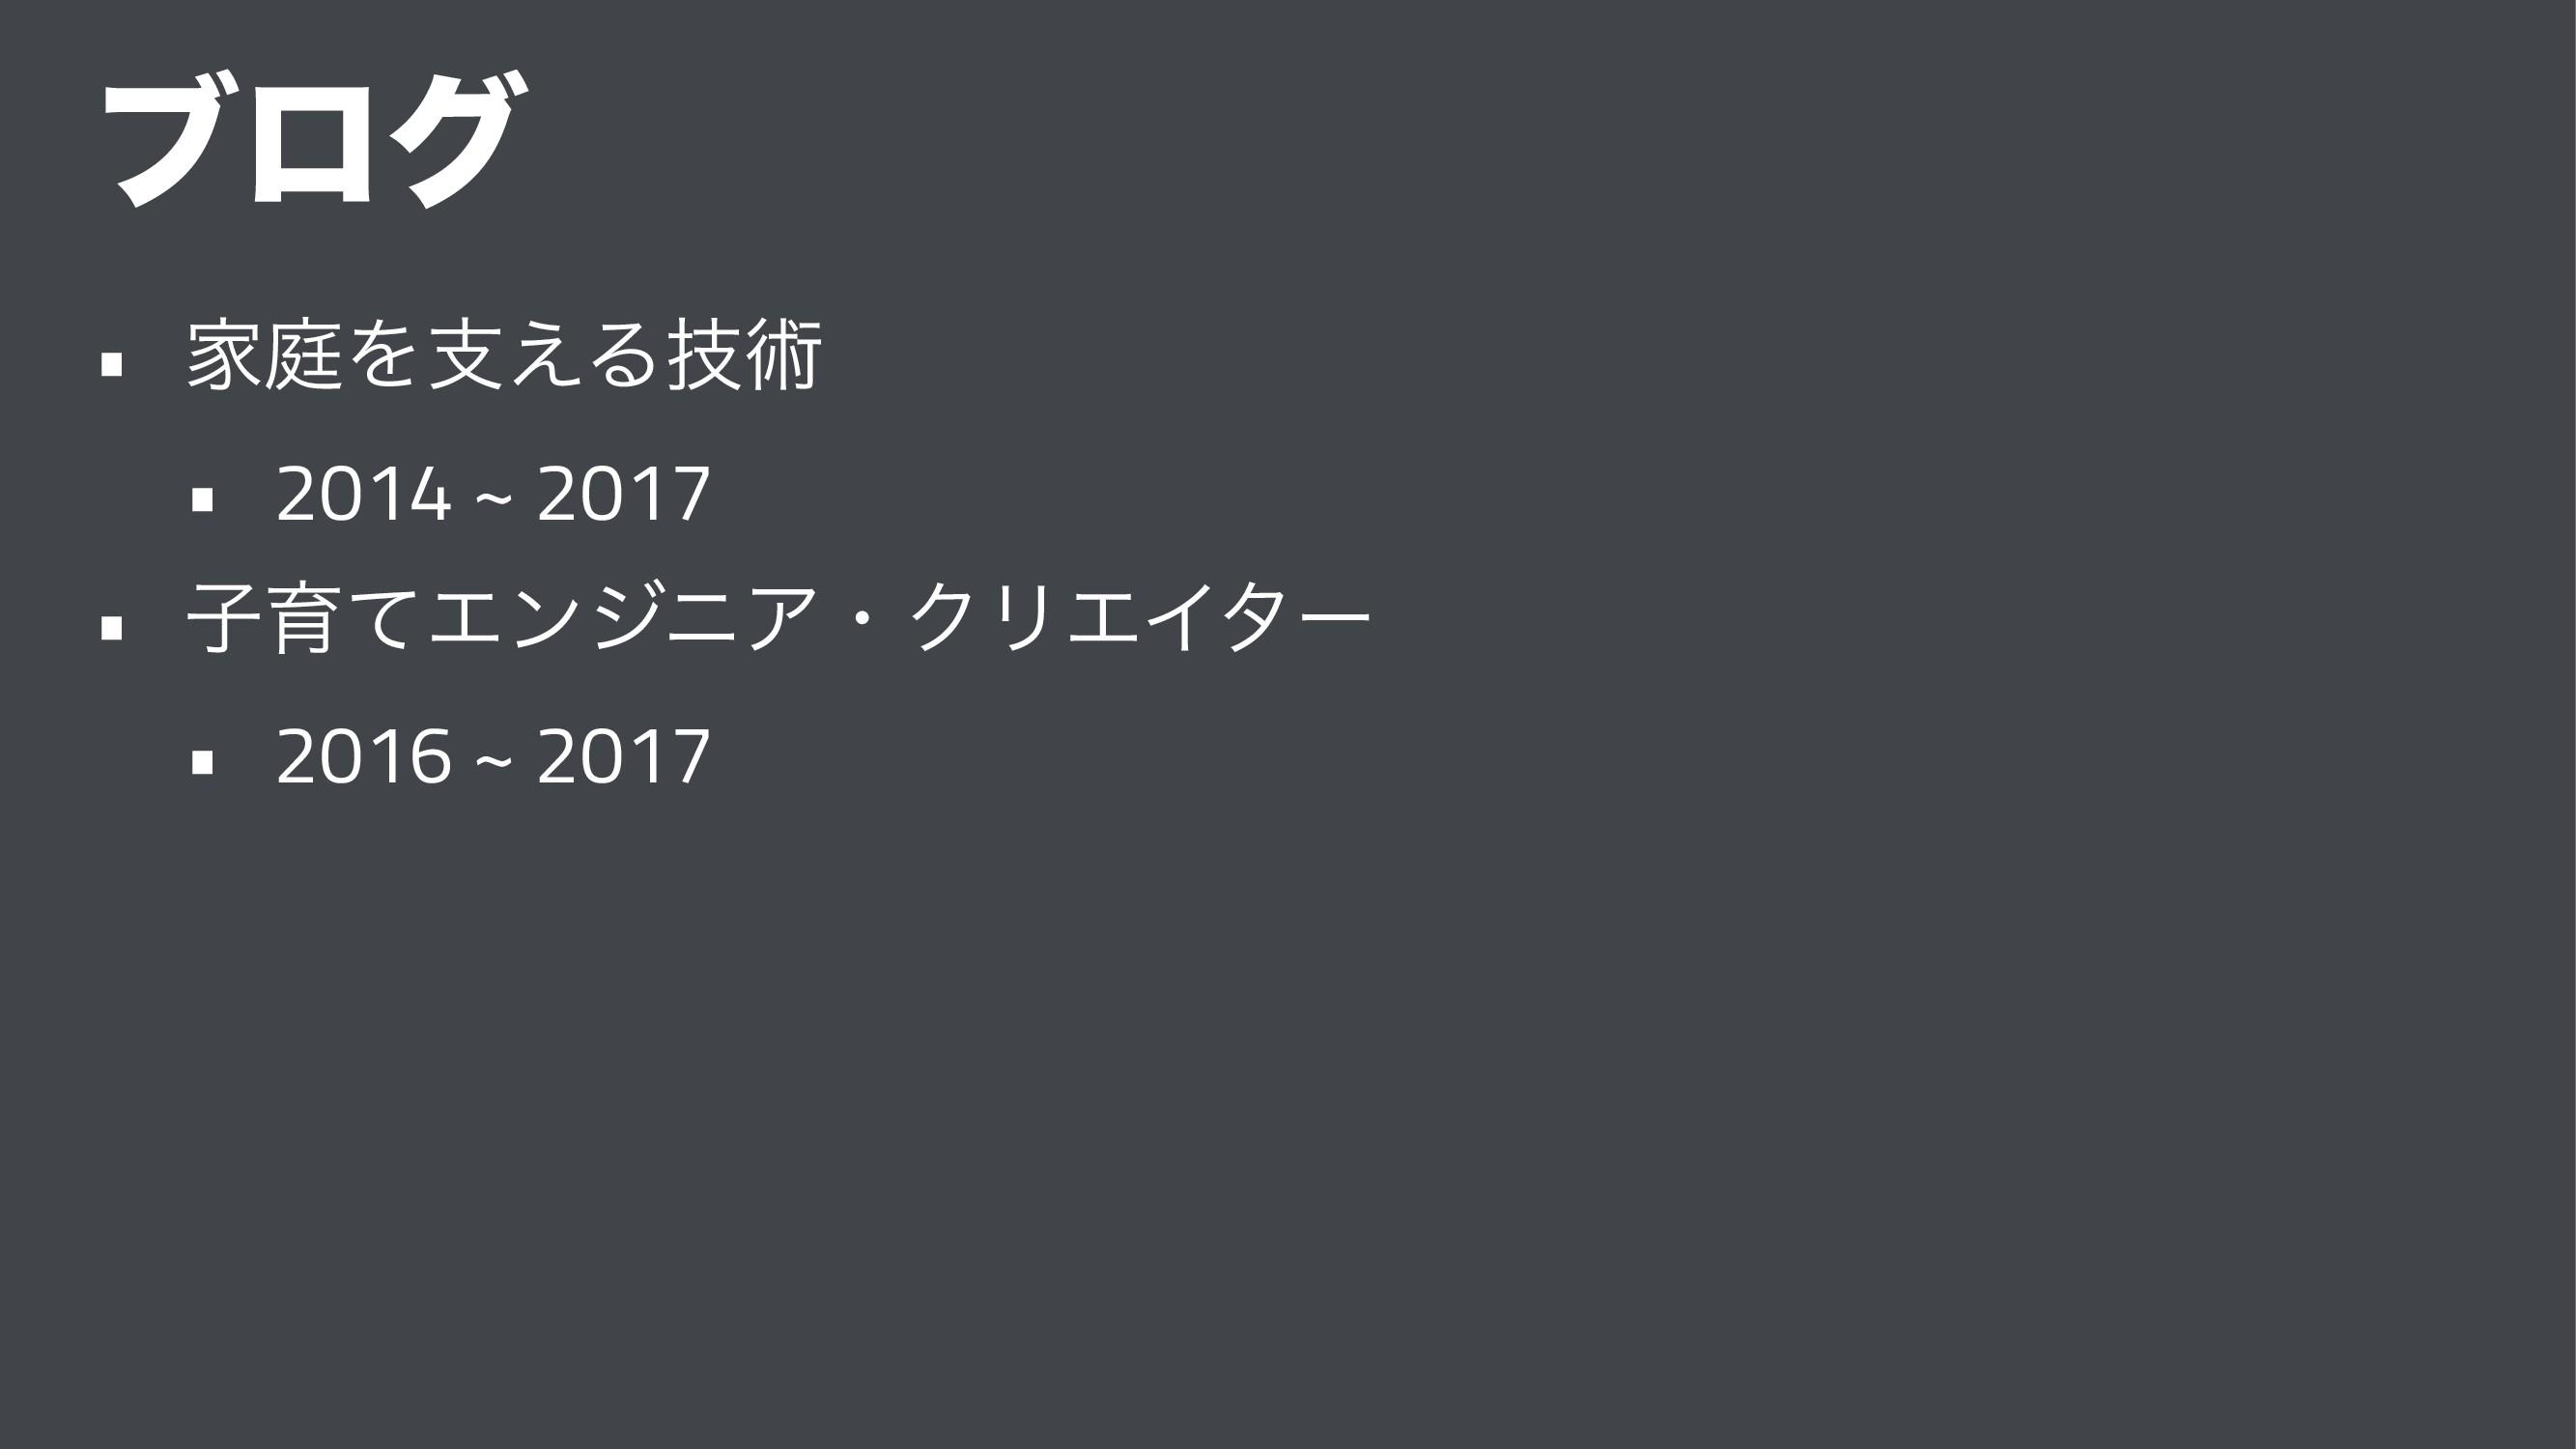 ϒϩά • ՈఉΛࢧ͑Δٕज़ • 2014 ~ 2017 • ࢠҭͯΤϯδχΞɾΫϦΤΠλʔ ...